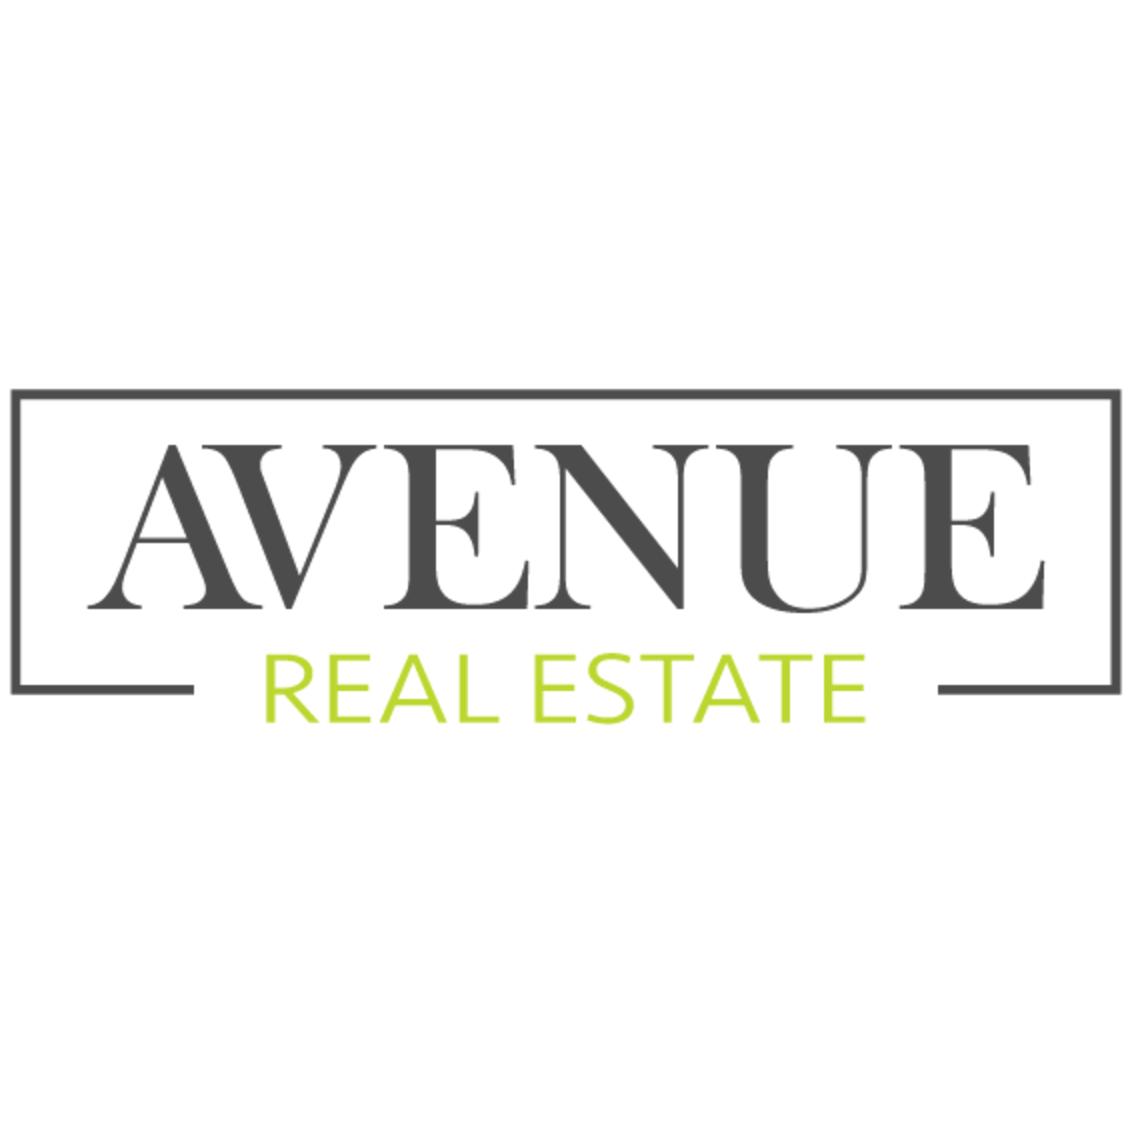 Avenue Real Estate